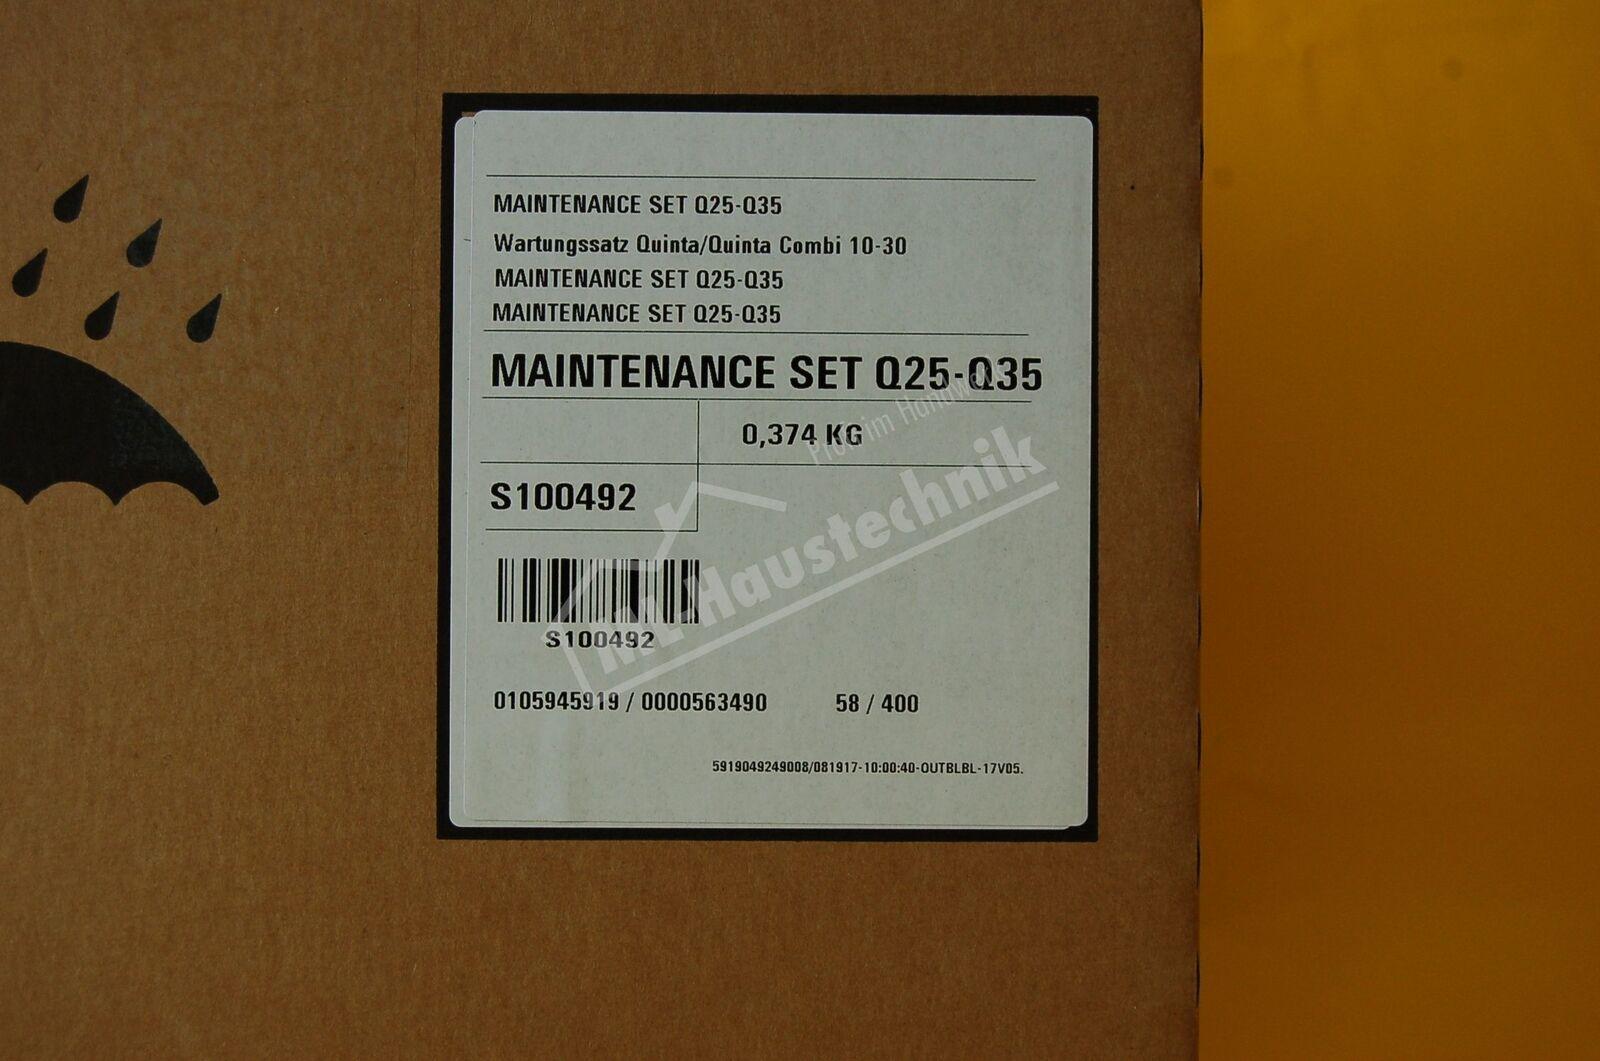 S100492 Remeha Wartungssatz Quinta 10-30 10-30 10-30 e89e5d